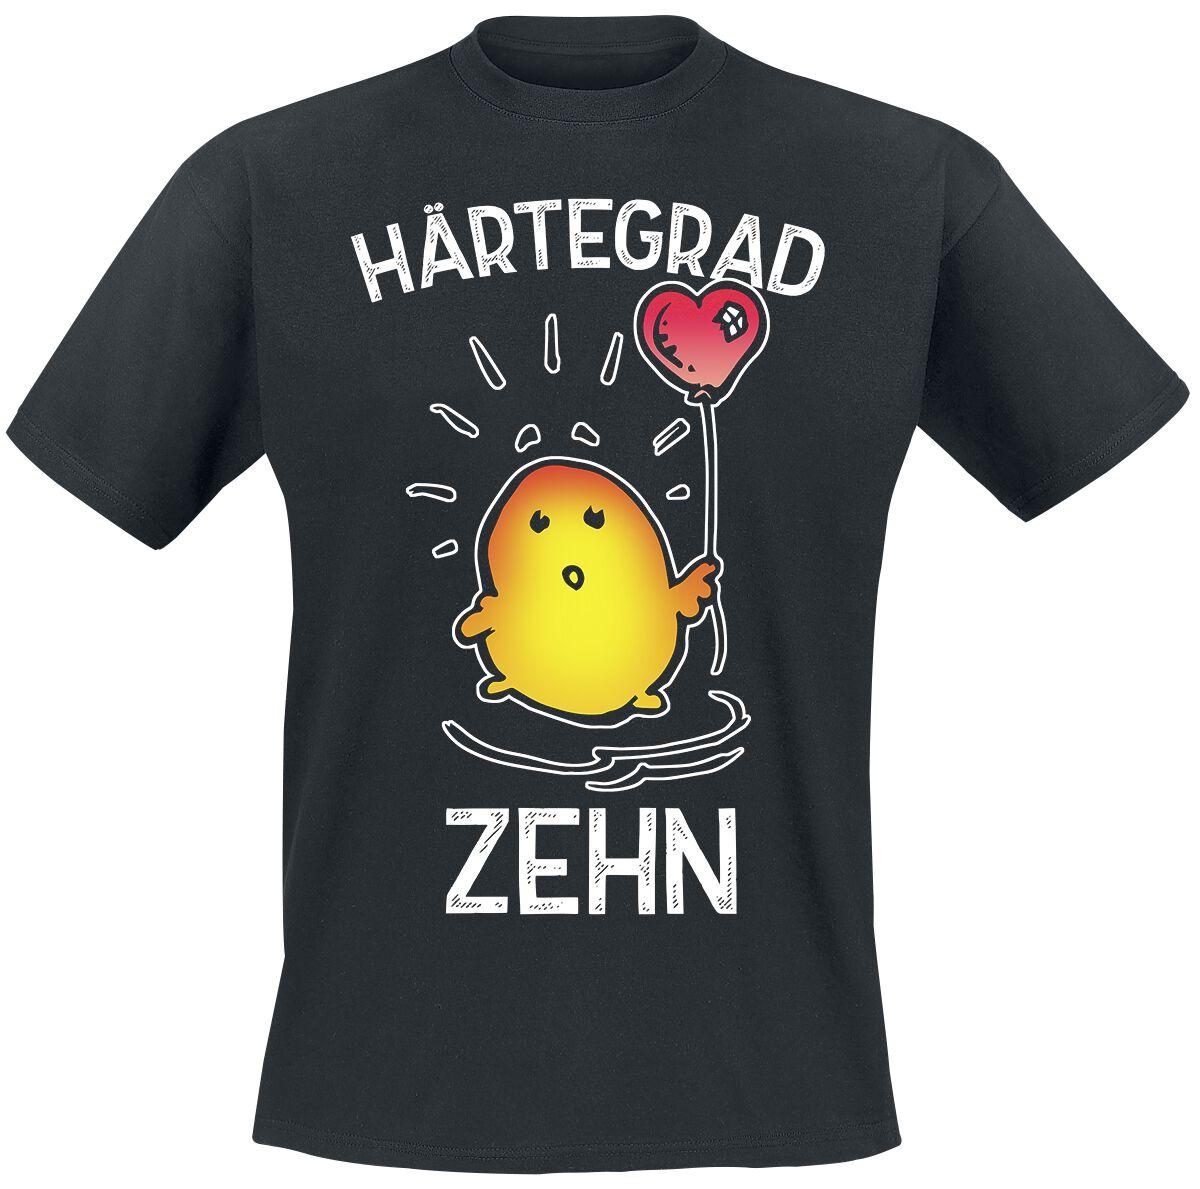 Härtegrad Zehn T-Shirt schwarz 712283